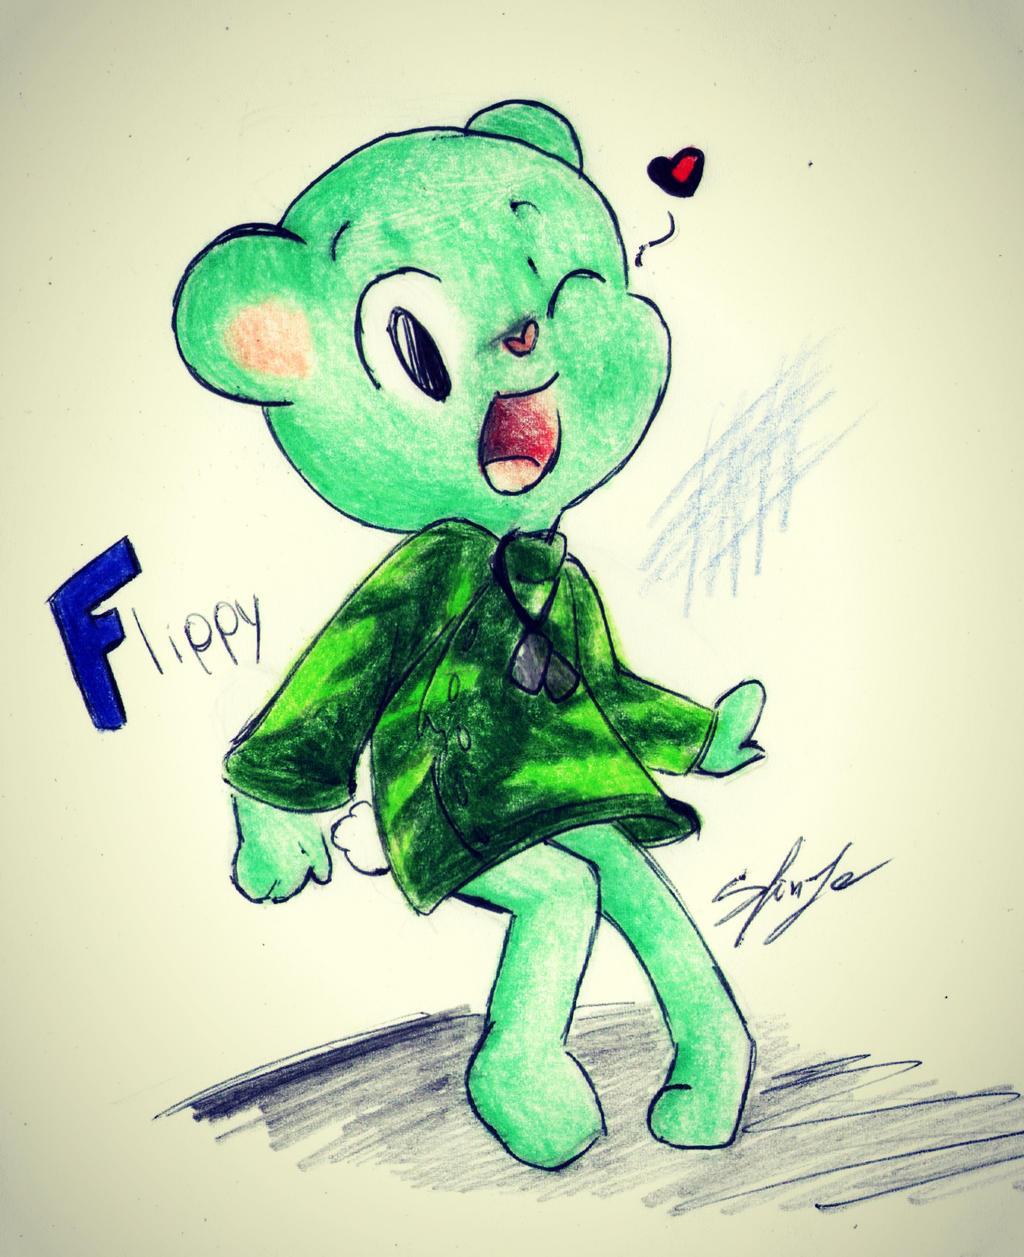 Flippy for HappytreefriendfFAN by SfinJe